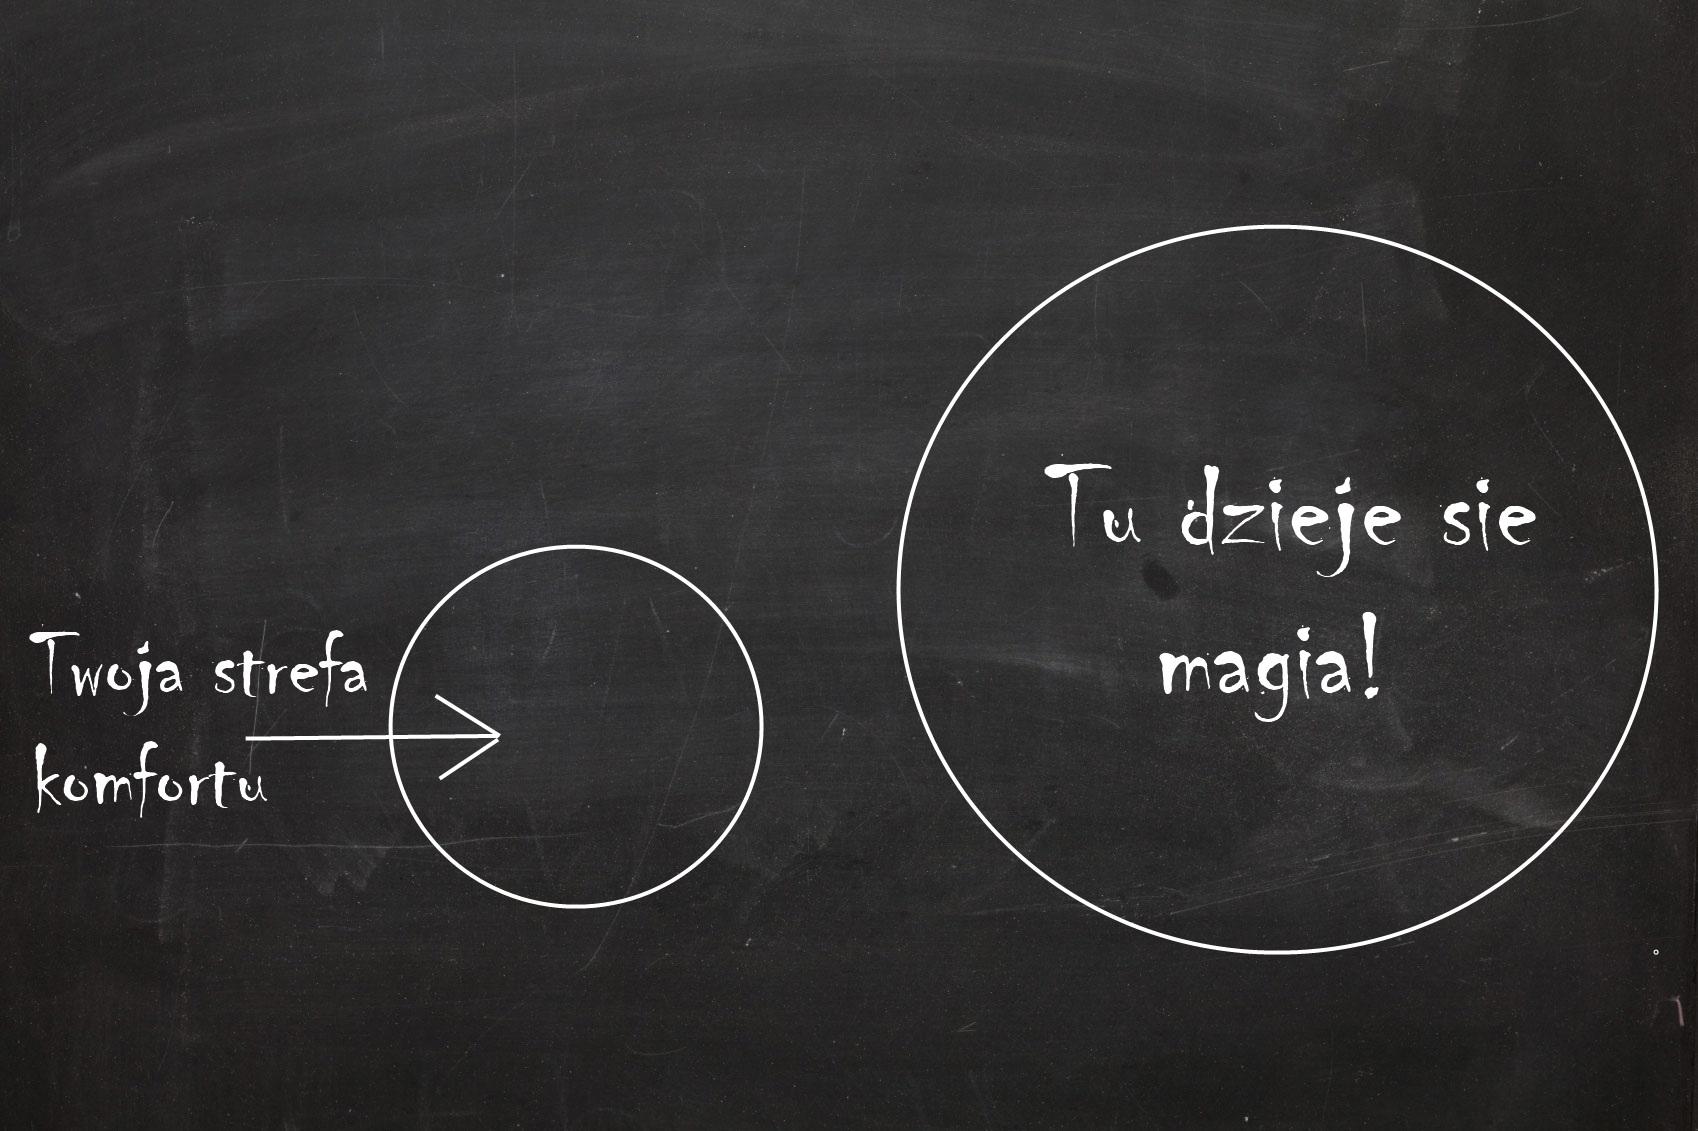 tu_dzieje_się_magia_twoja_strefa_komfortu